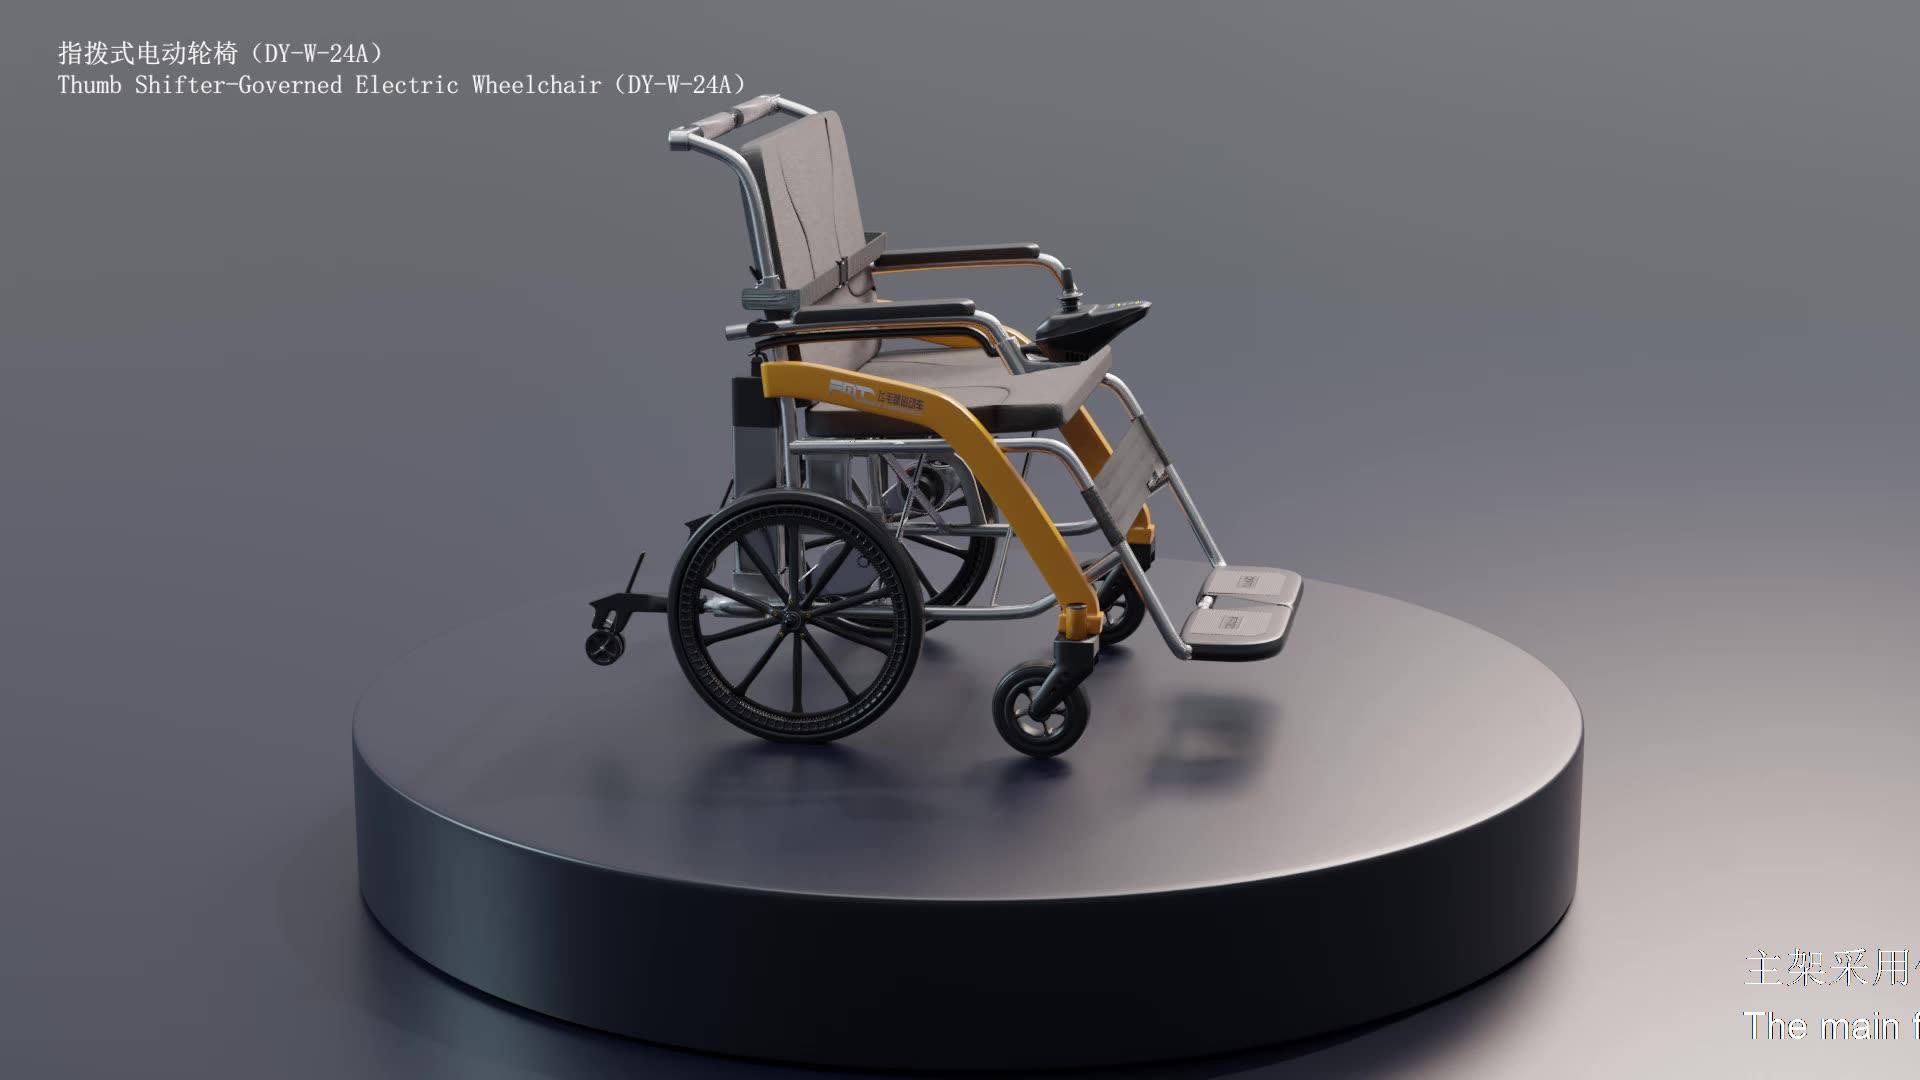 FMT de liga de alumínio Leve de viagem elétrica dobrável cadeira de rodas elétrica Dobrável cadeira de rodas para deficientes físicos